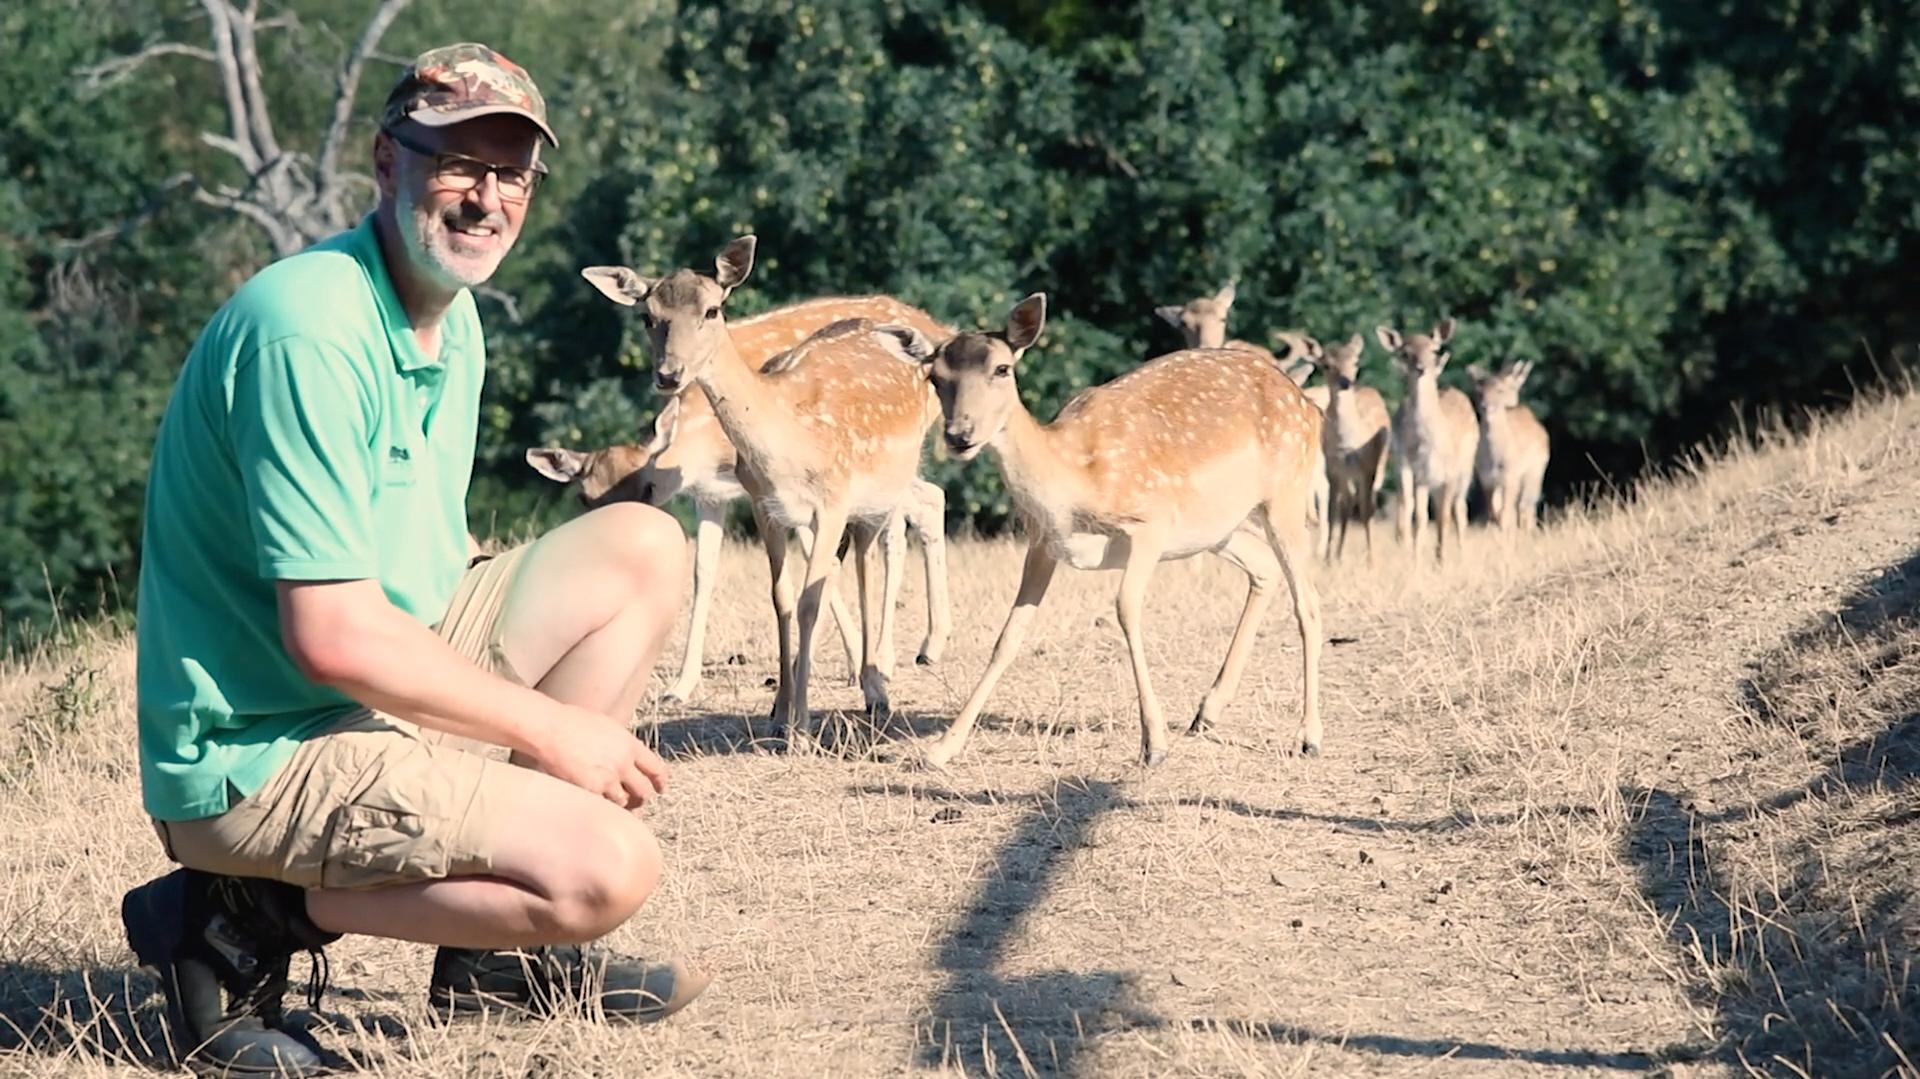 Peter Wohlleben Weißt du wo die Tiere wohnen Oetinger Verlag © nXm film production